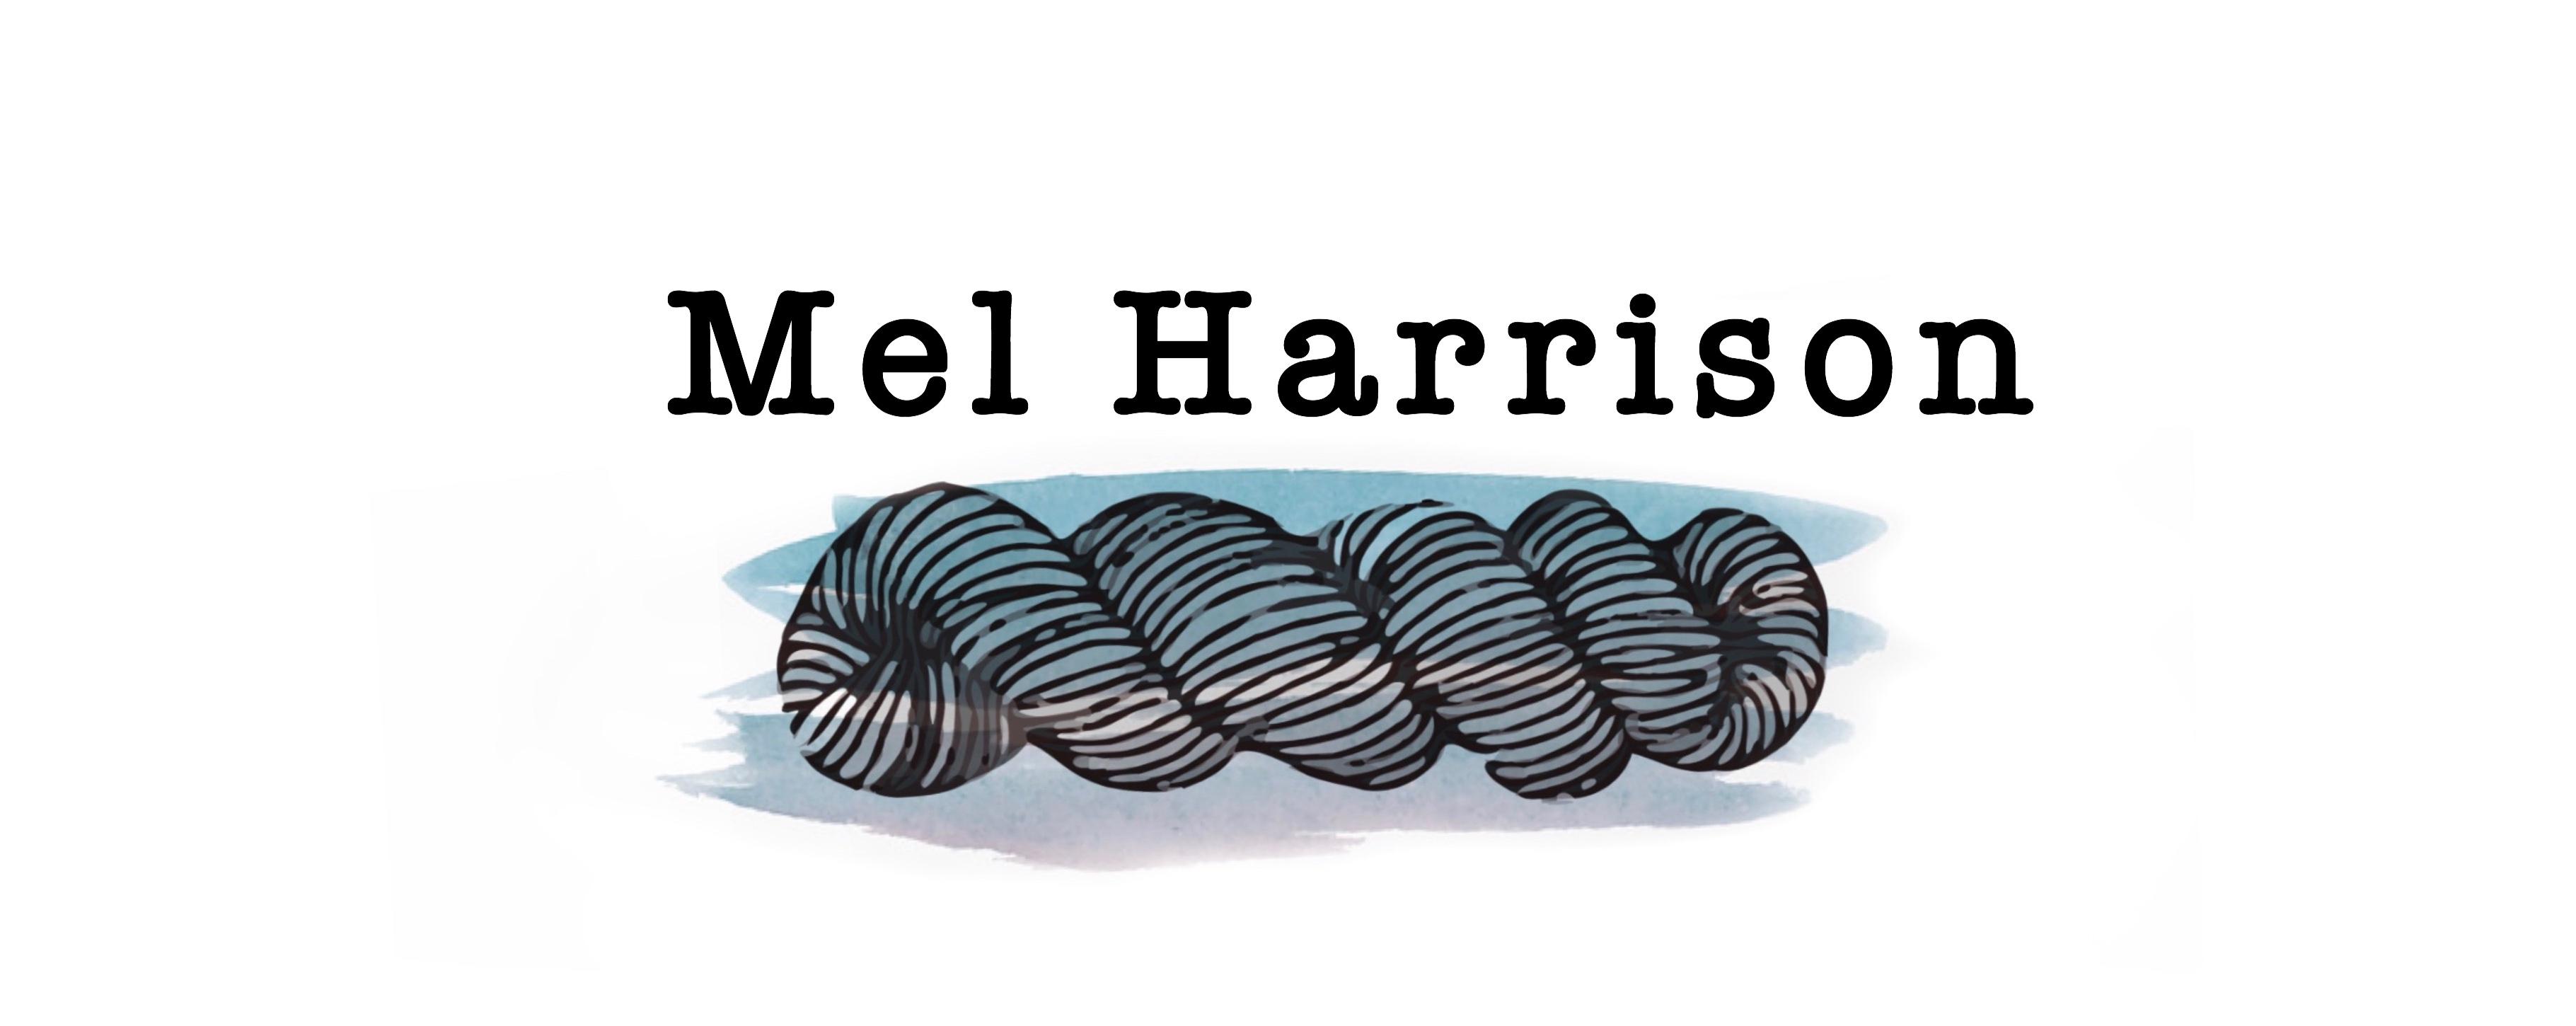 Mel Harrison